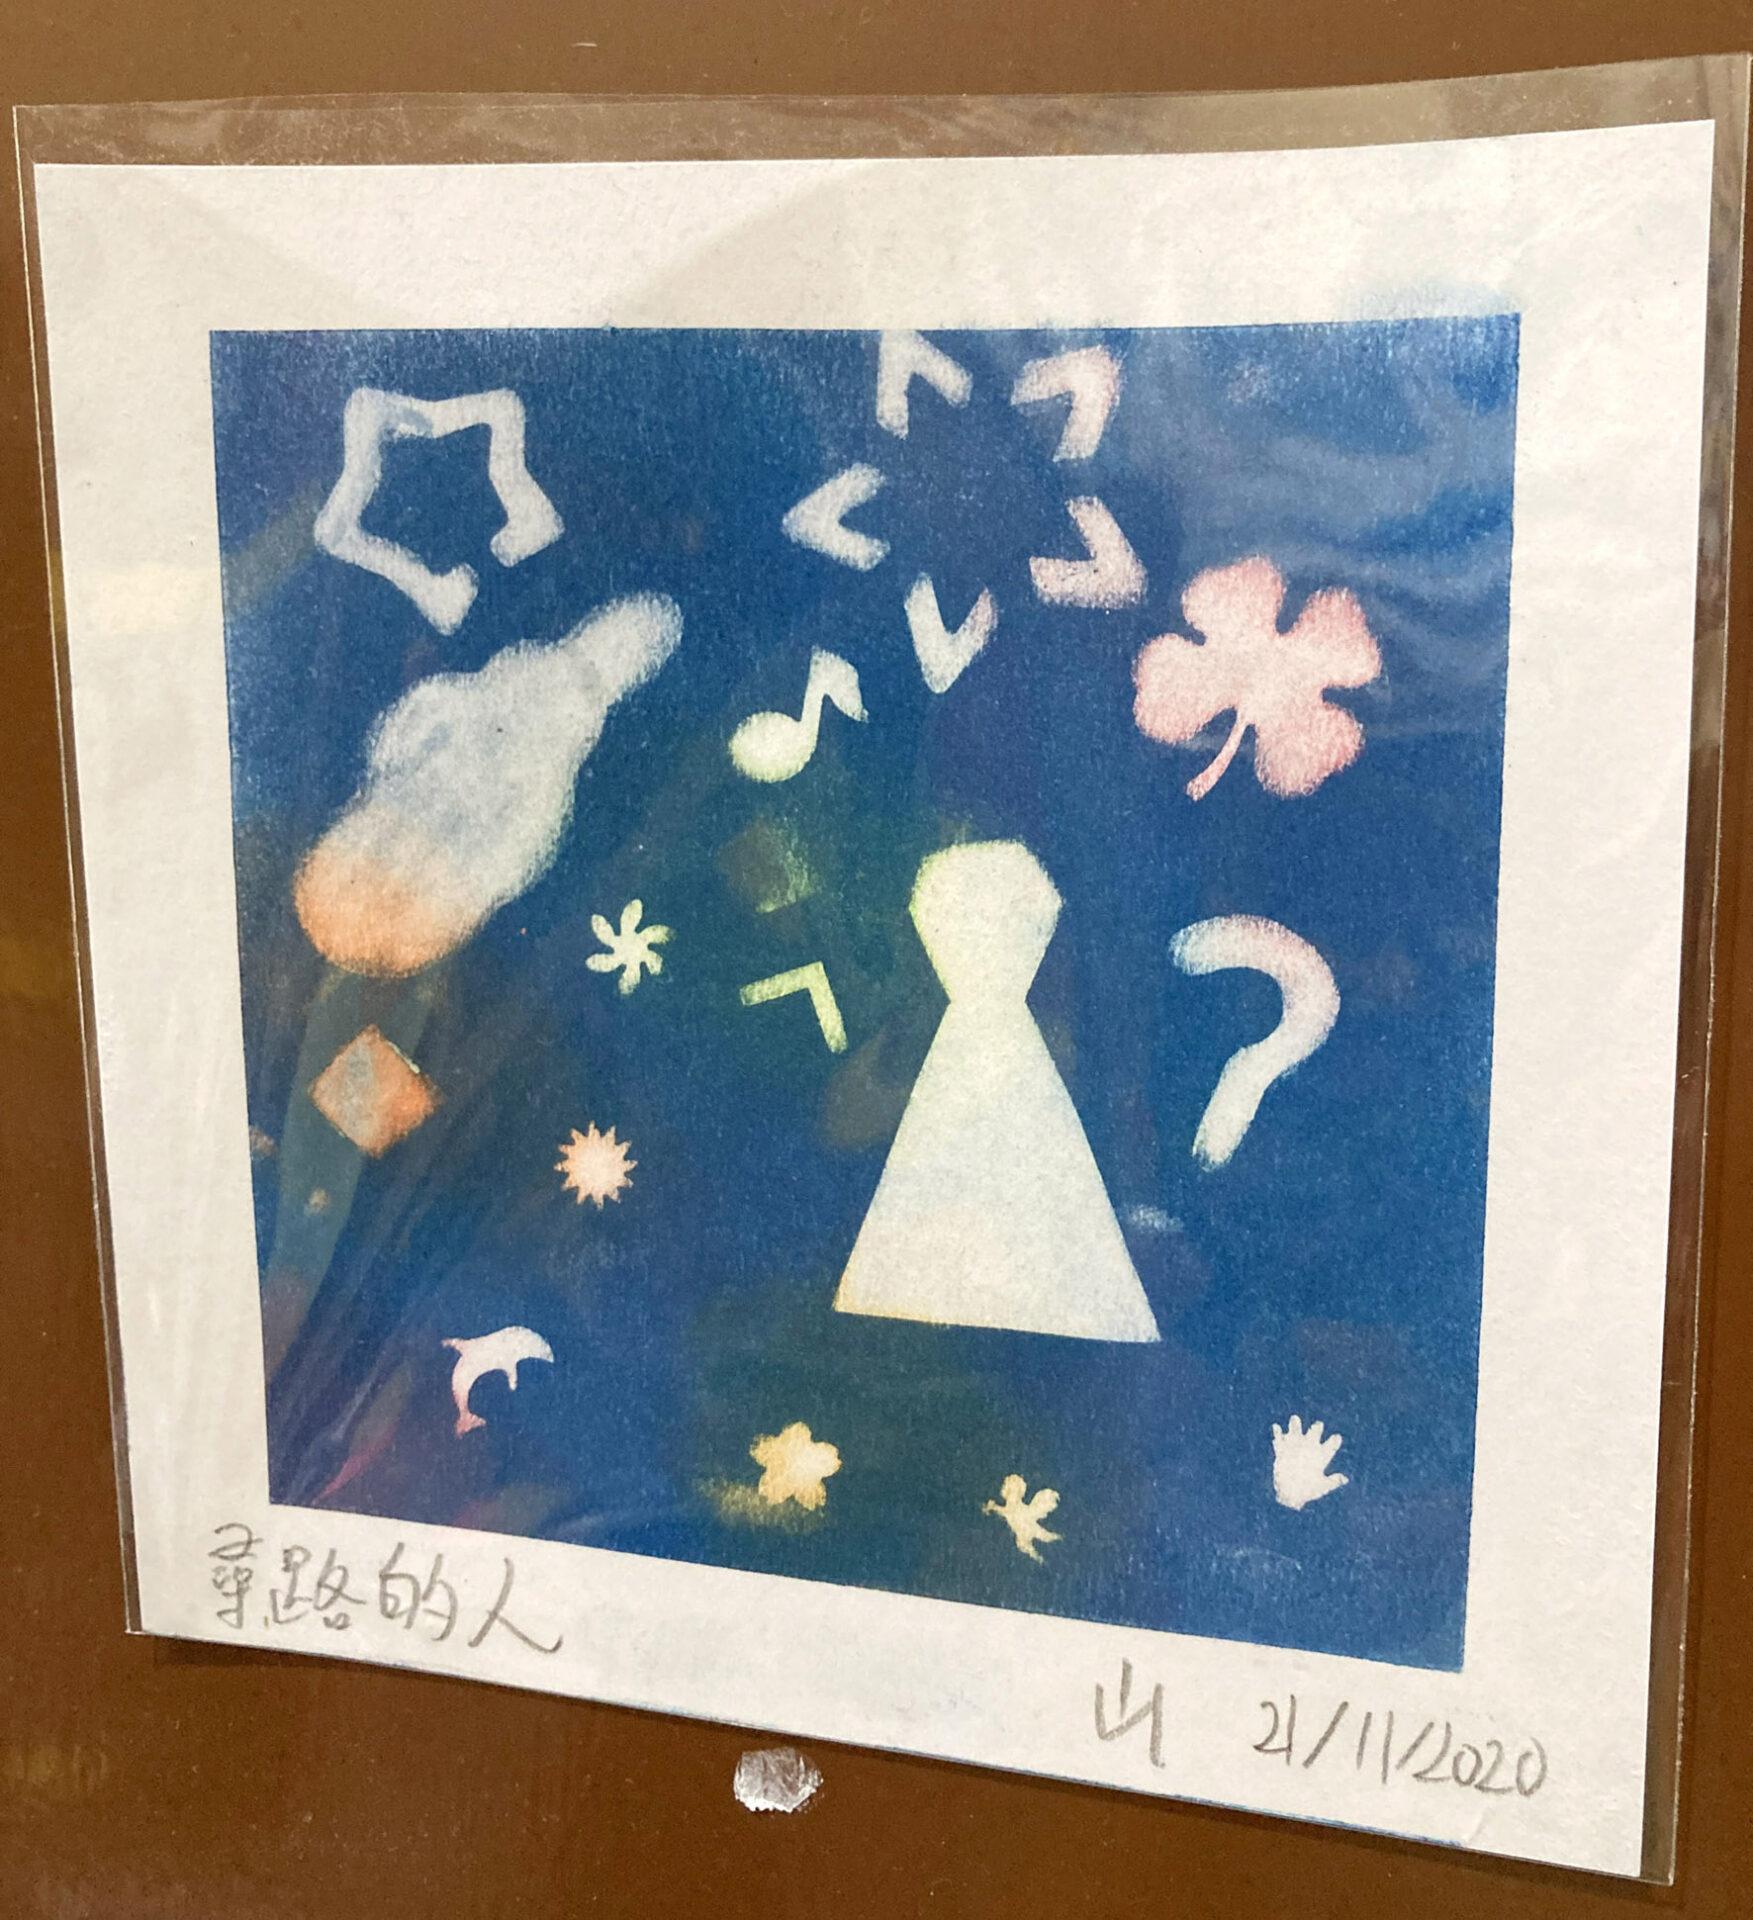 《尋路的人》阿山在入住樂活城後繪畫的一幅和諧粉彩畫作品